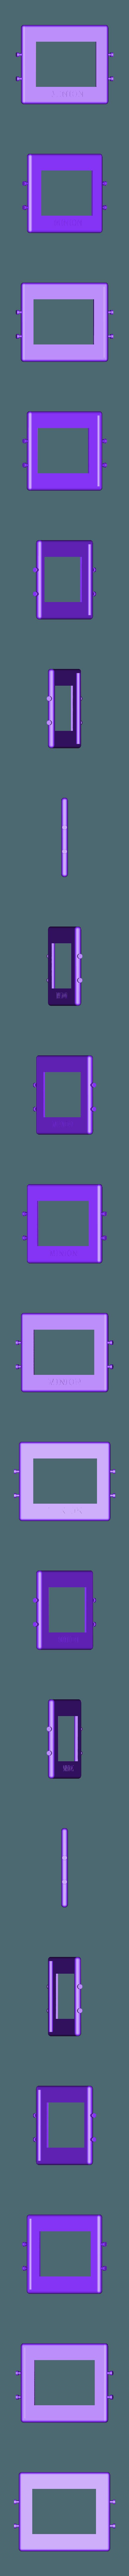 Screen_Mares_Icon_HD.stl Télécharger fichier STL gratuit Protection Mares Icon HD • Design pour impression 3D, MINION